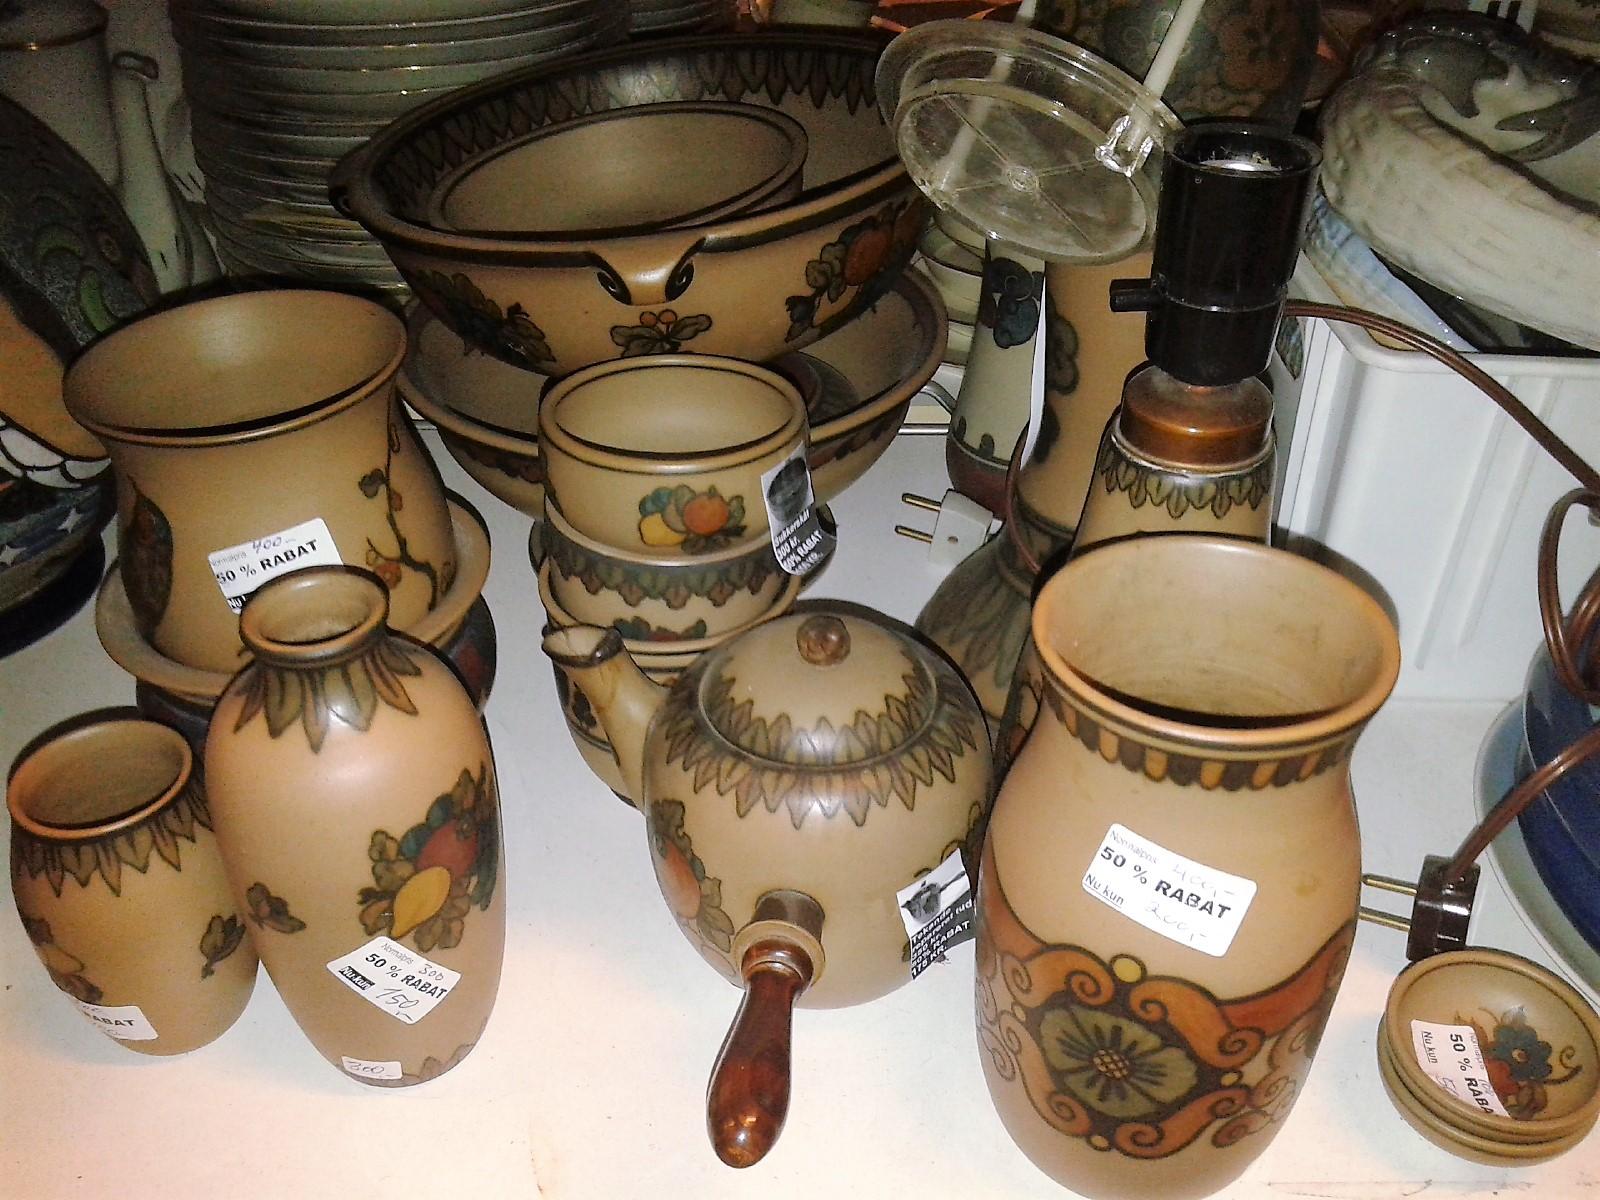 keramik l hjorth KERAMIK Hjorth, STENTØJ POTTERY CERAMICS BORNHOLM KØBENHAVN DANMAR  keramik l hjorth